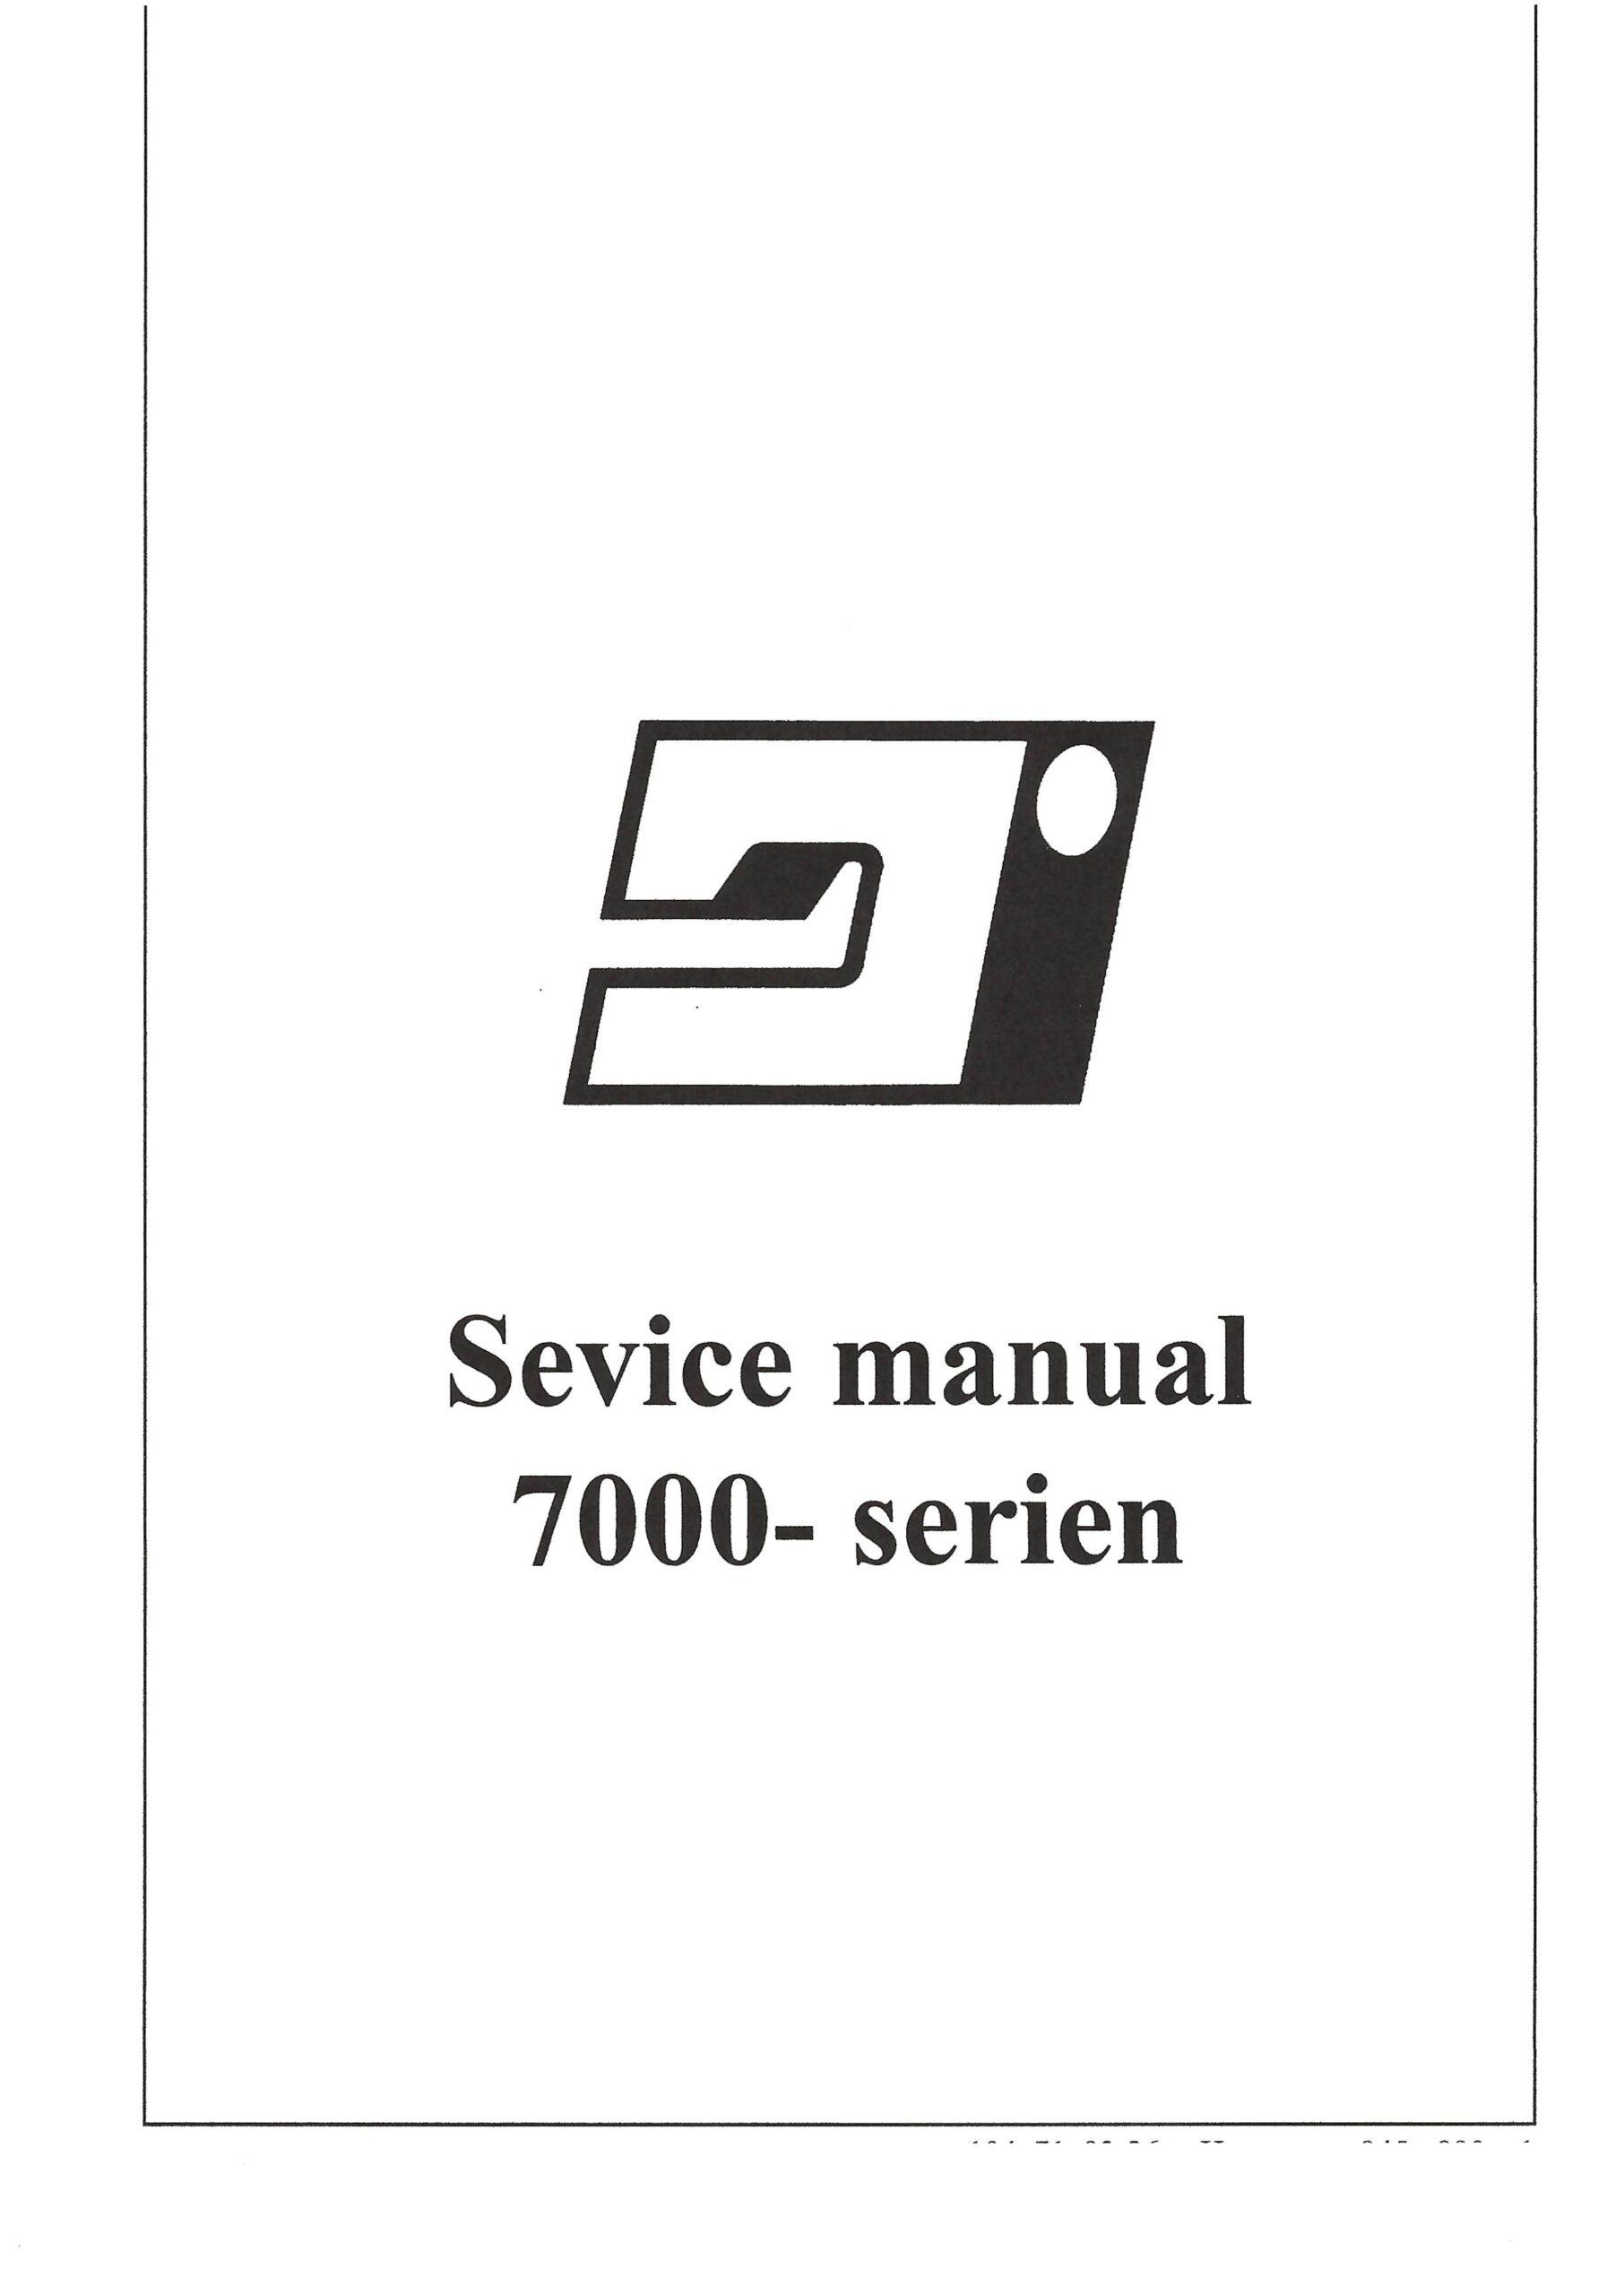 Service Manual Viking Prisma 945-990, 7000 Series Sewing